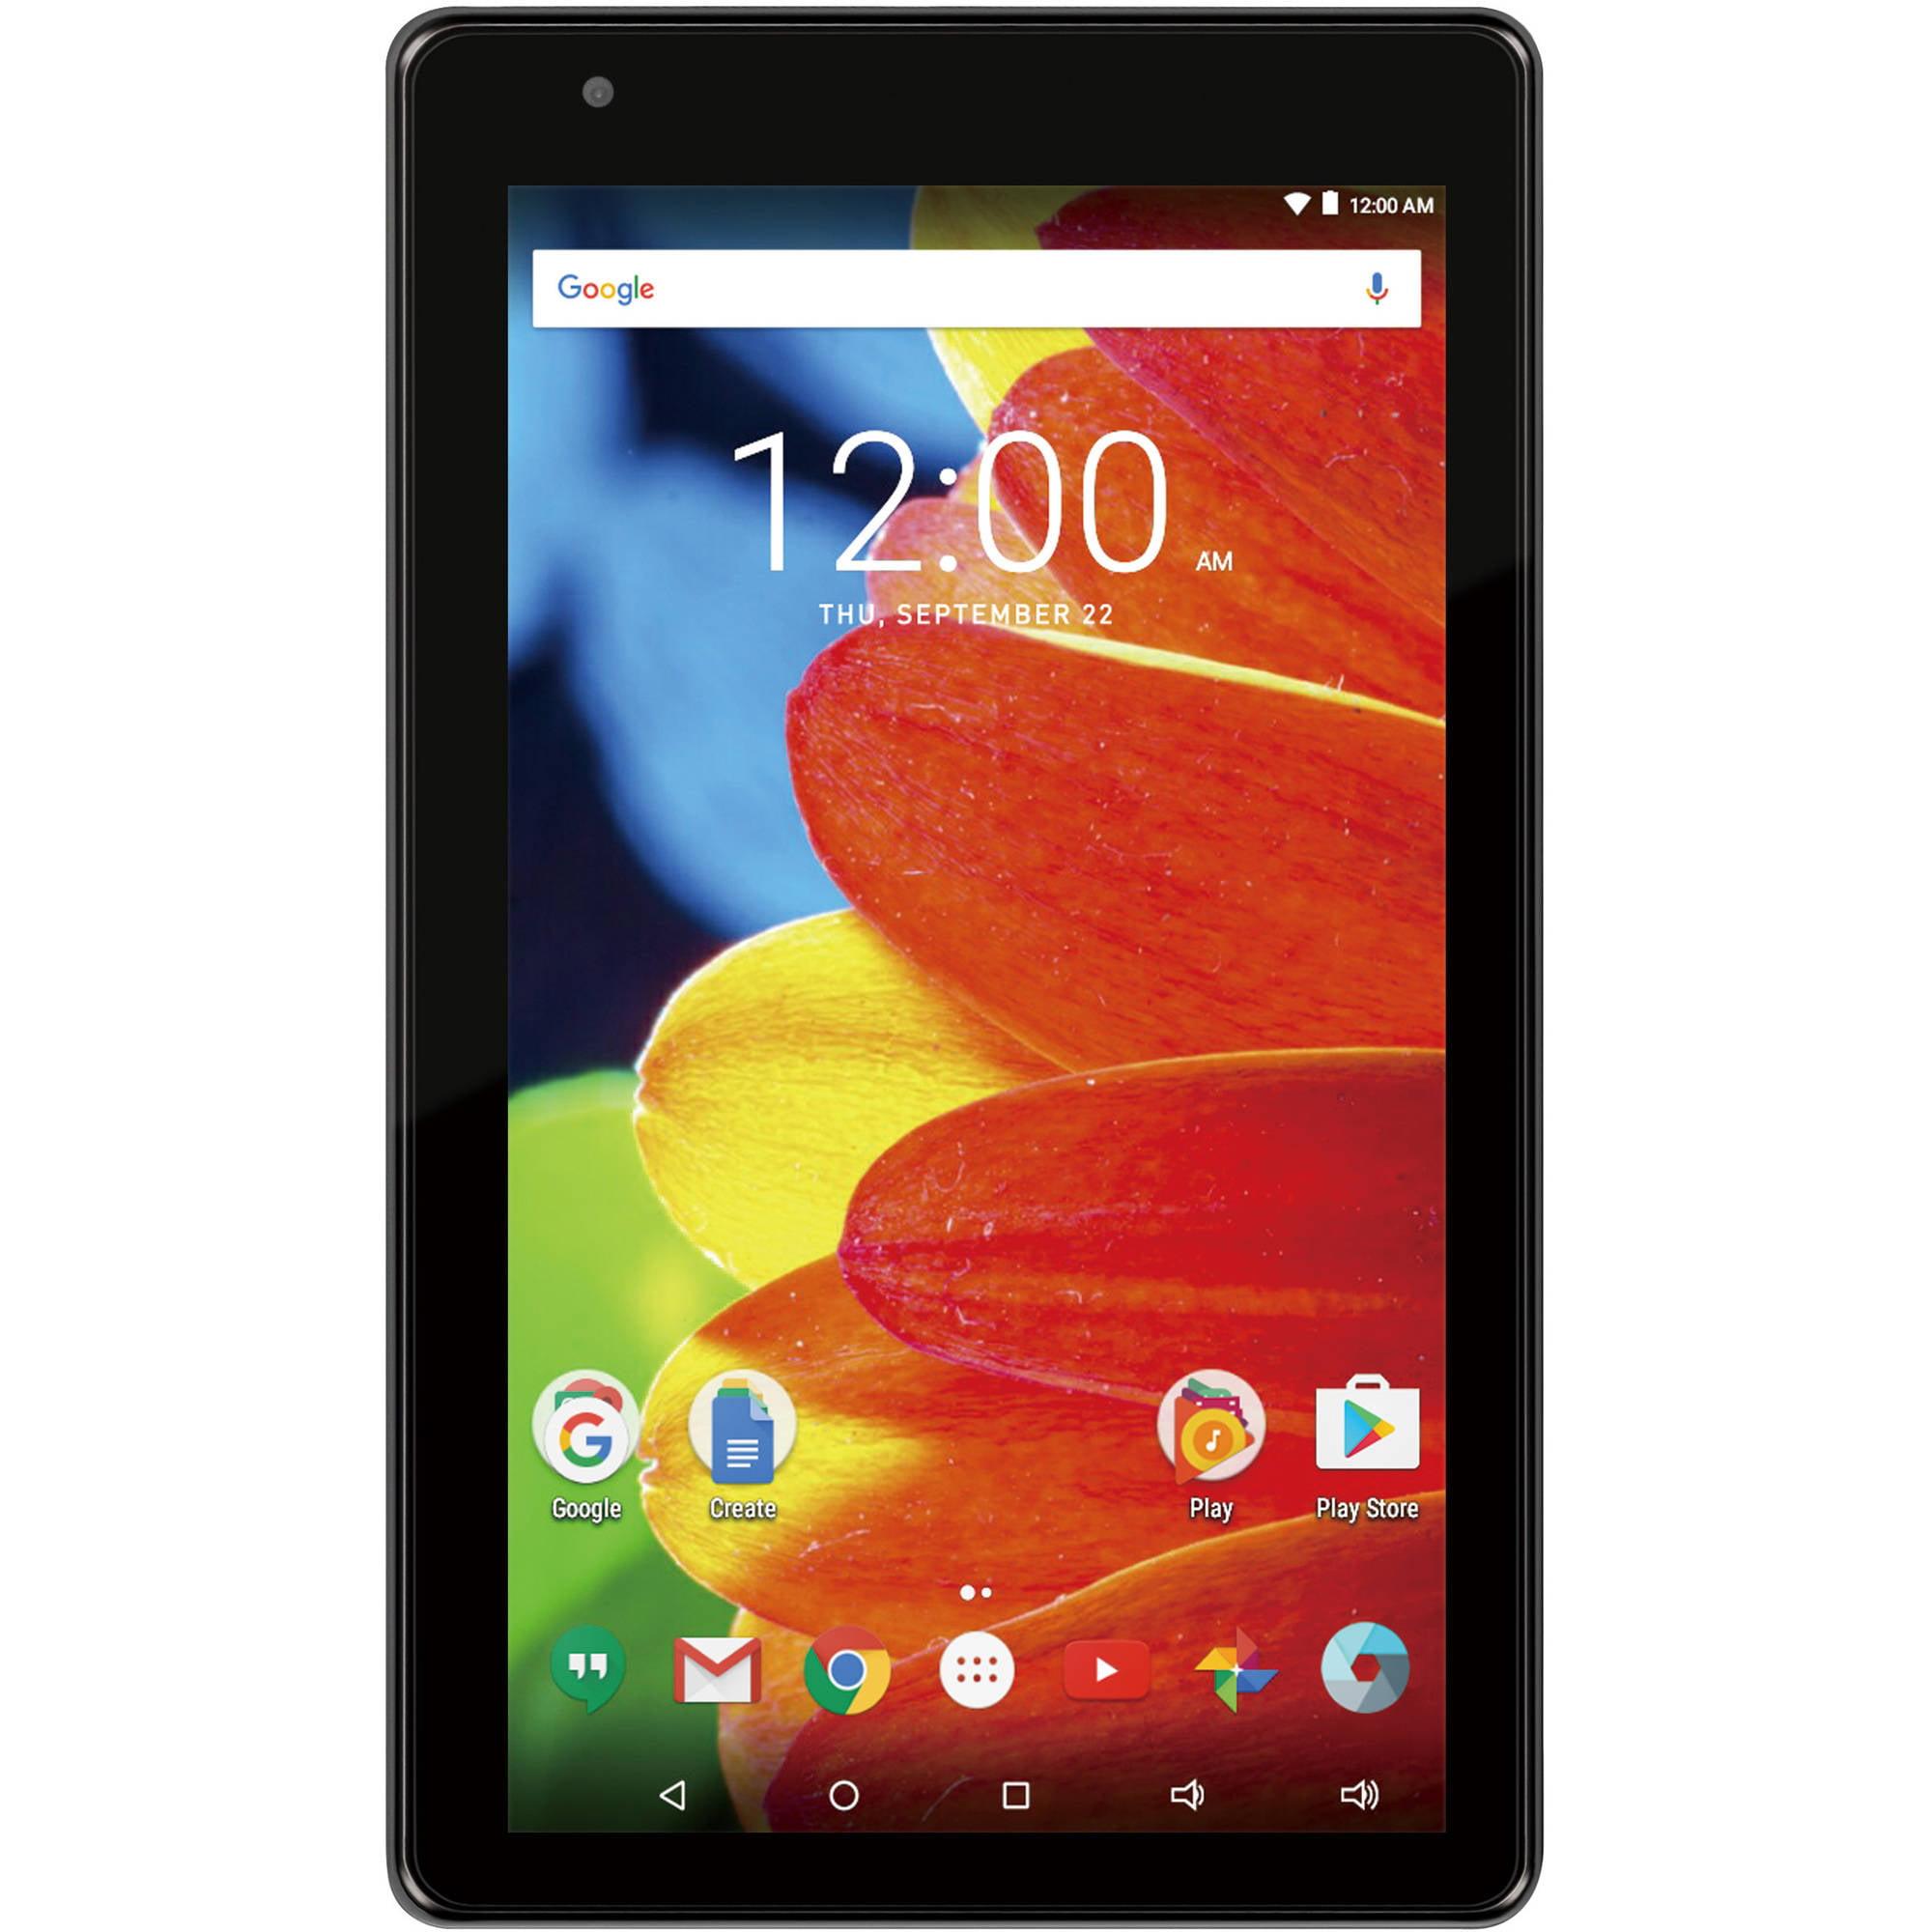 Lenovo Tab 10 101 Tablet 210 13ghz 1gb 16gb Ssd And 60 Idea Yoga B8000 Silver